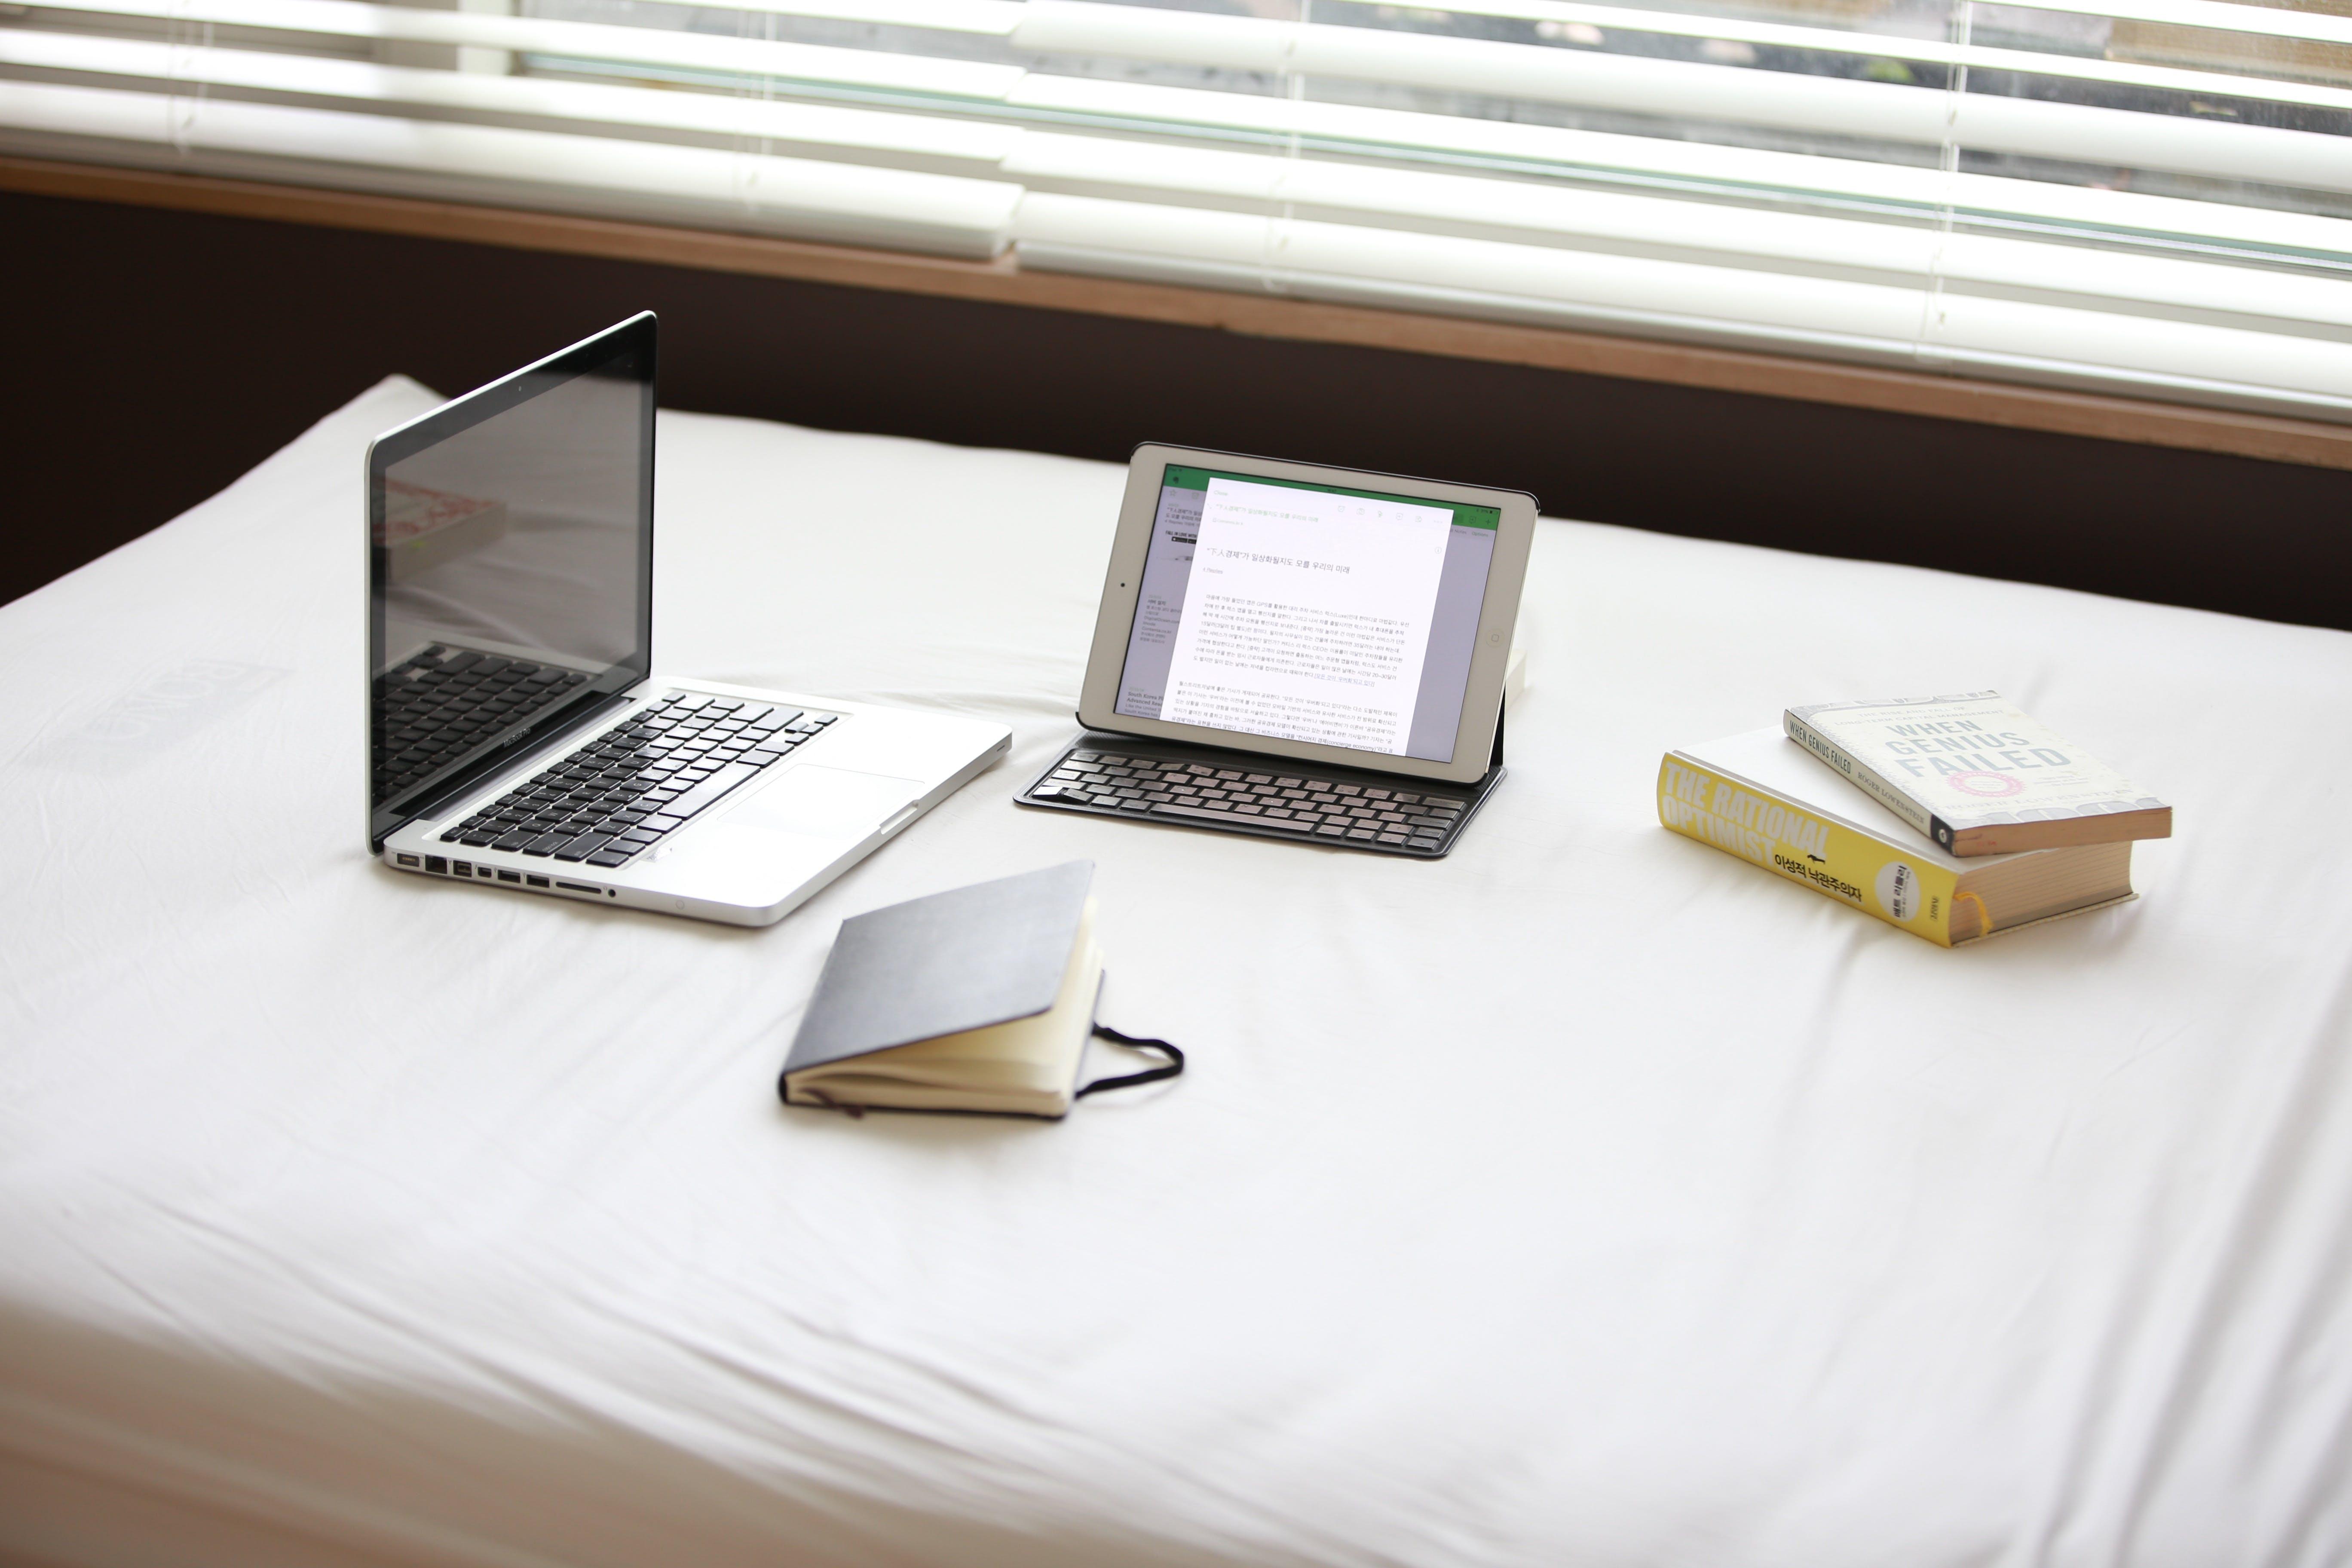 Macbook Pro over White Fabric Sheet Beside White Ipad